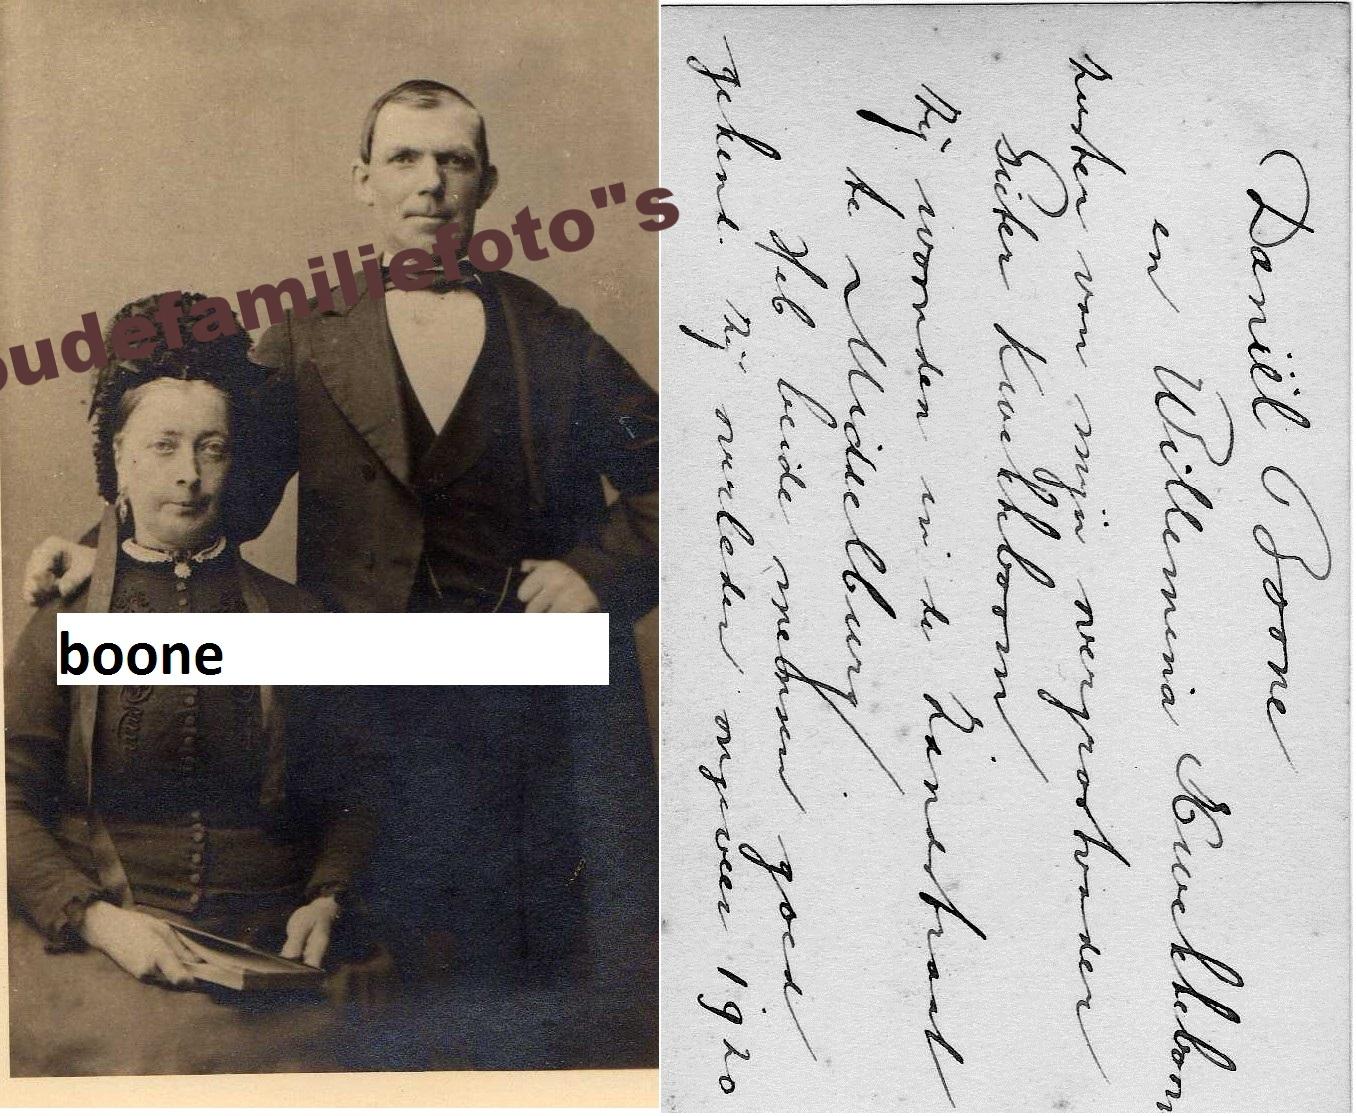 Boone, Daniël geb: 1-1-1841 middelburg ovl. 5-7-1916 gehuwd 22-11-1865 Wilhelmina Kwekkeboom € 3,00